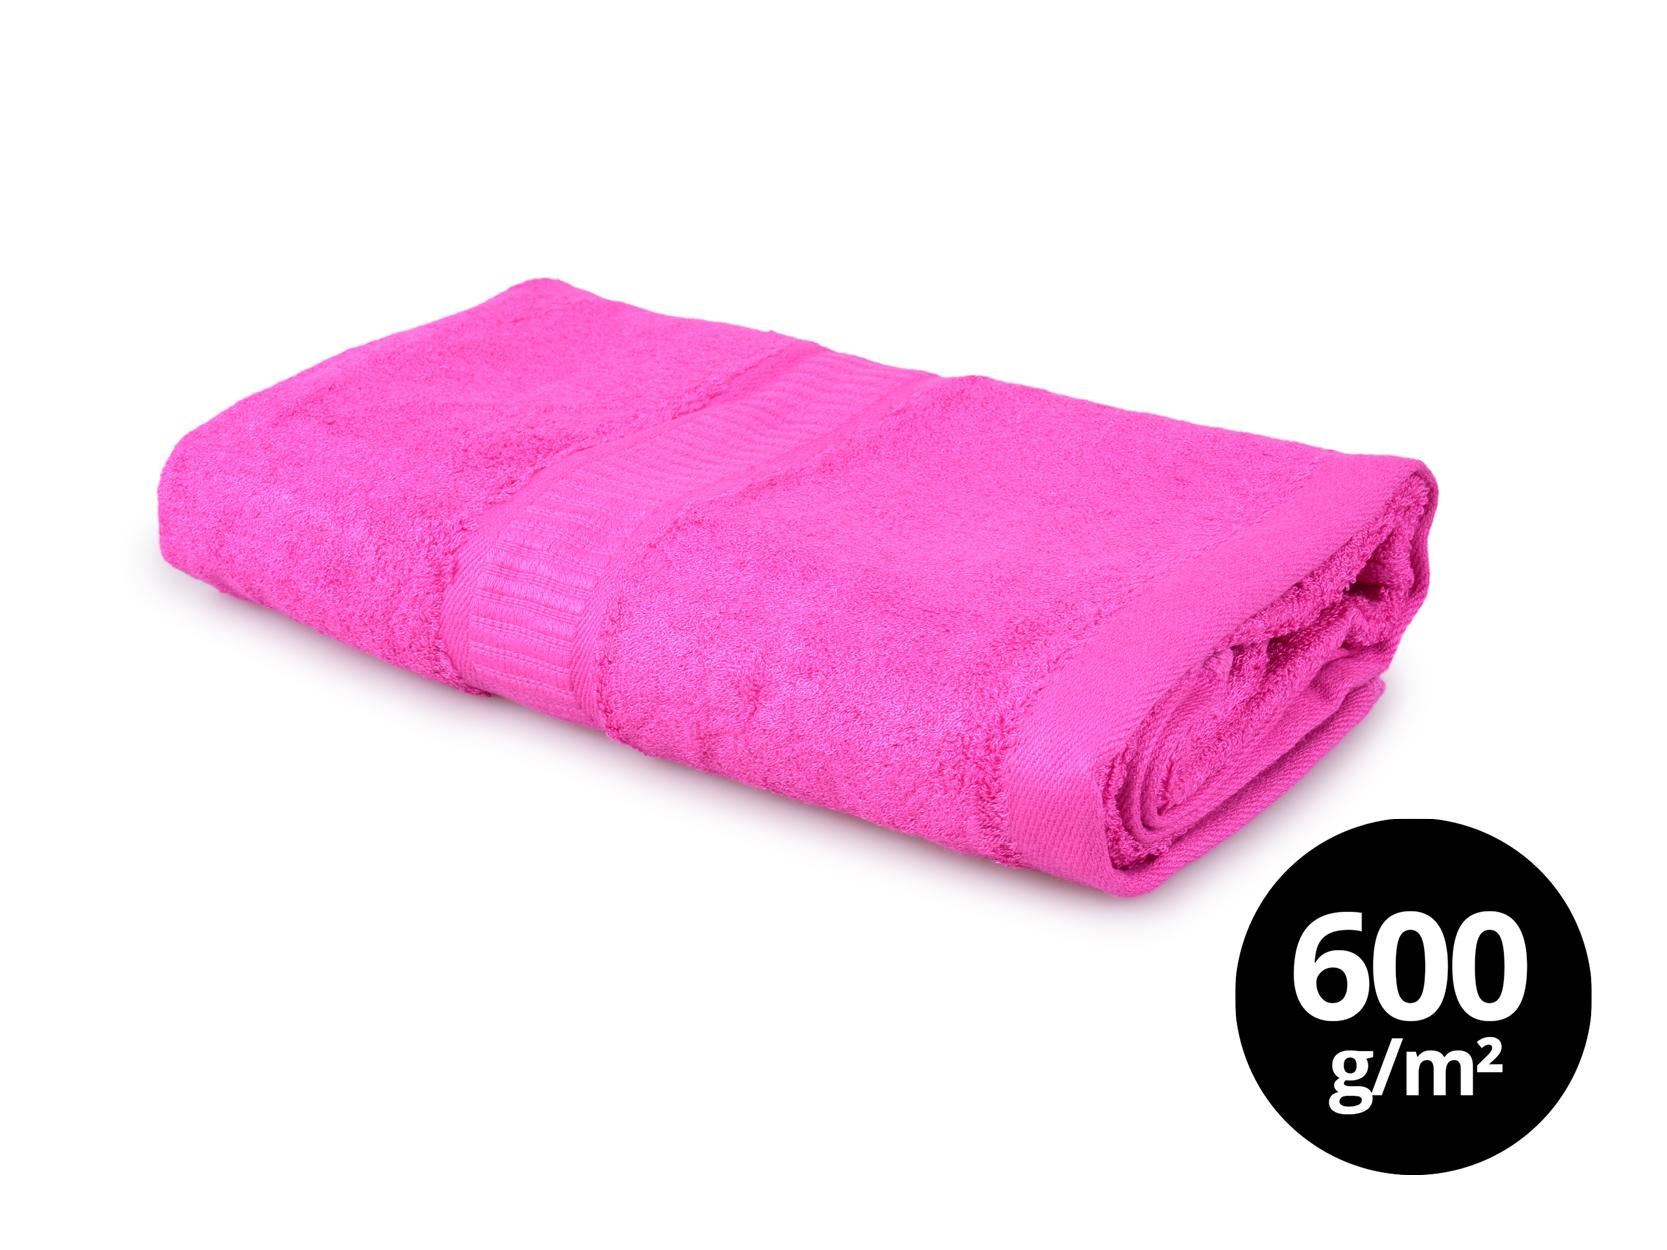 BAMBOO velký ručník  s elegantní bordurou fuchsiový